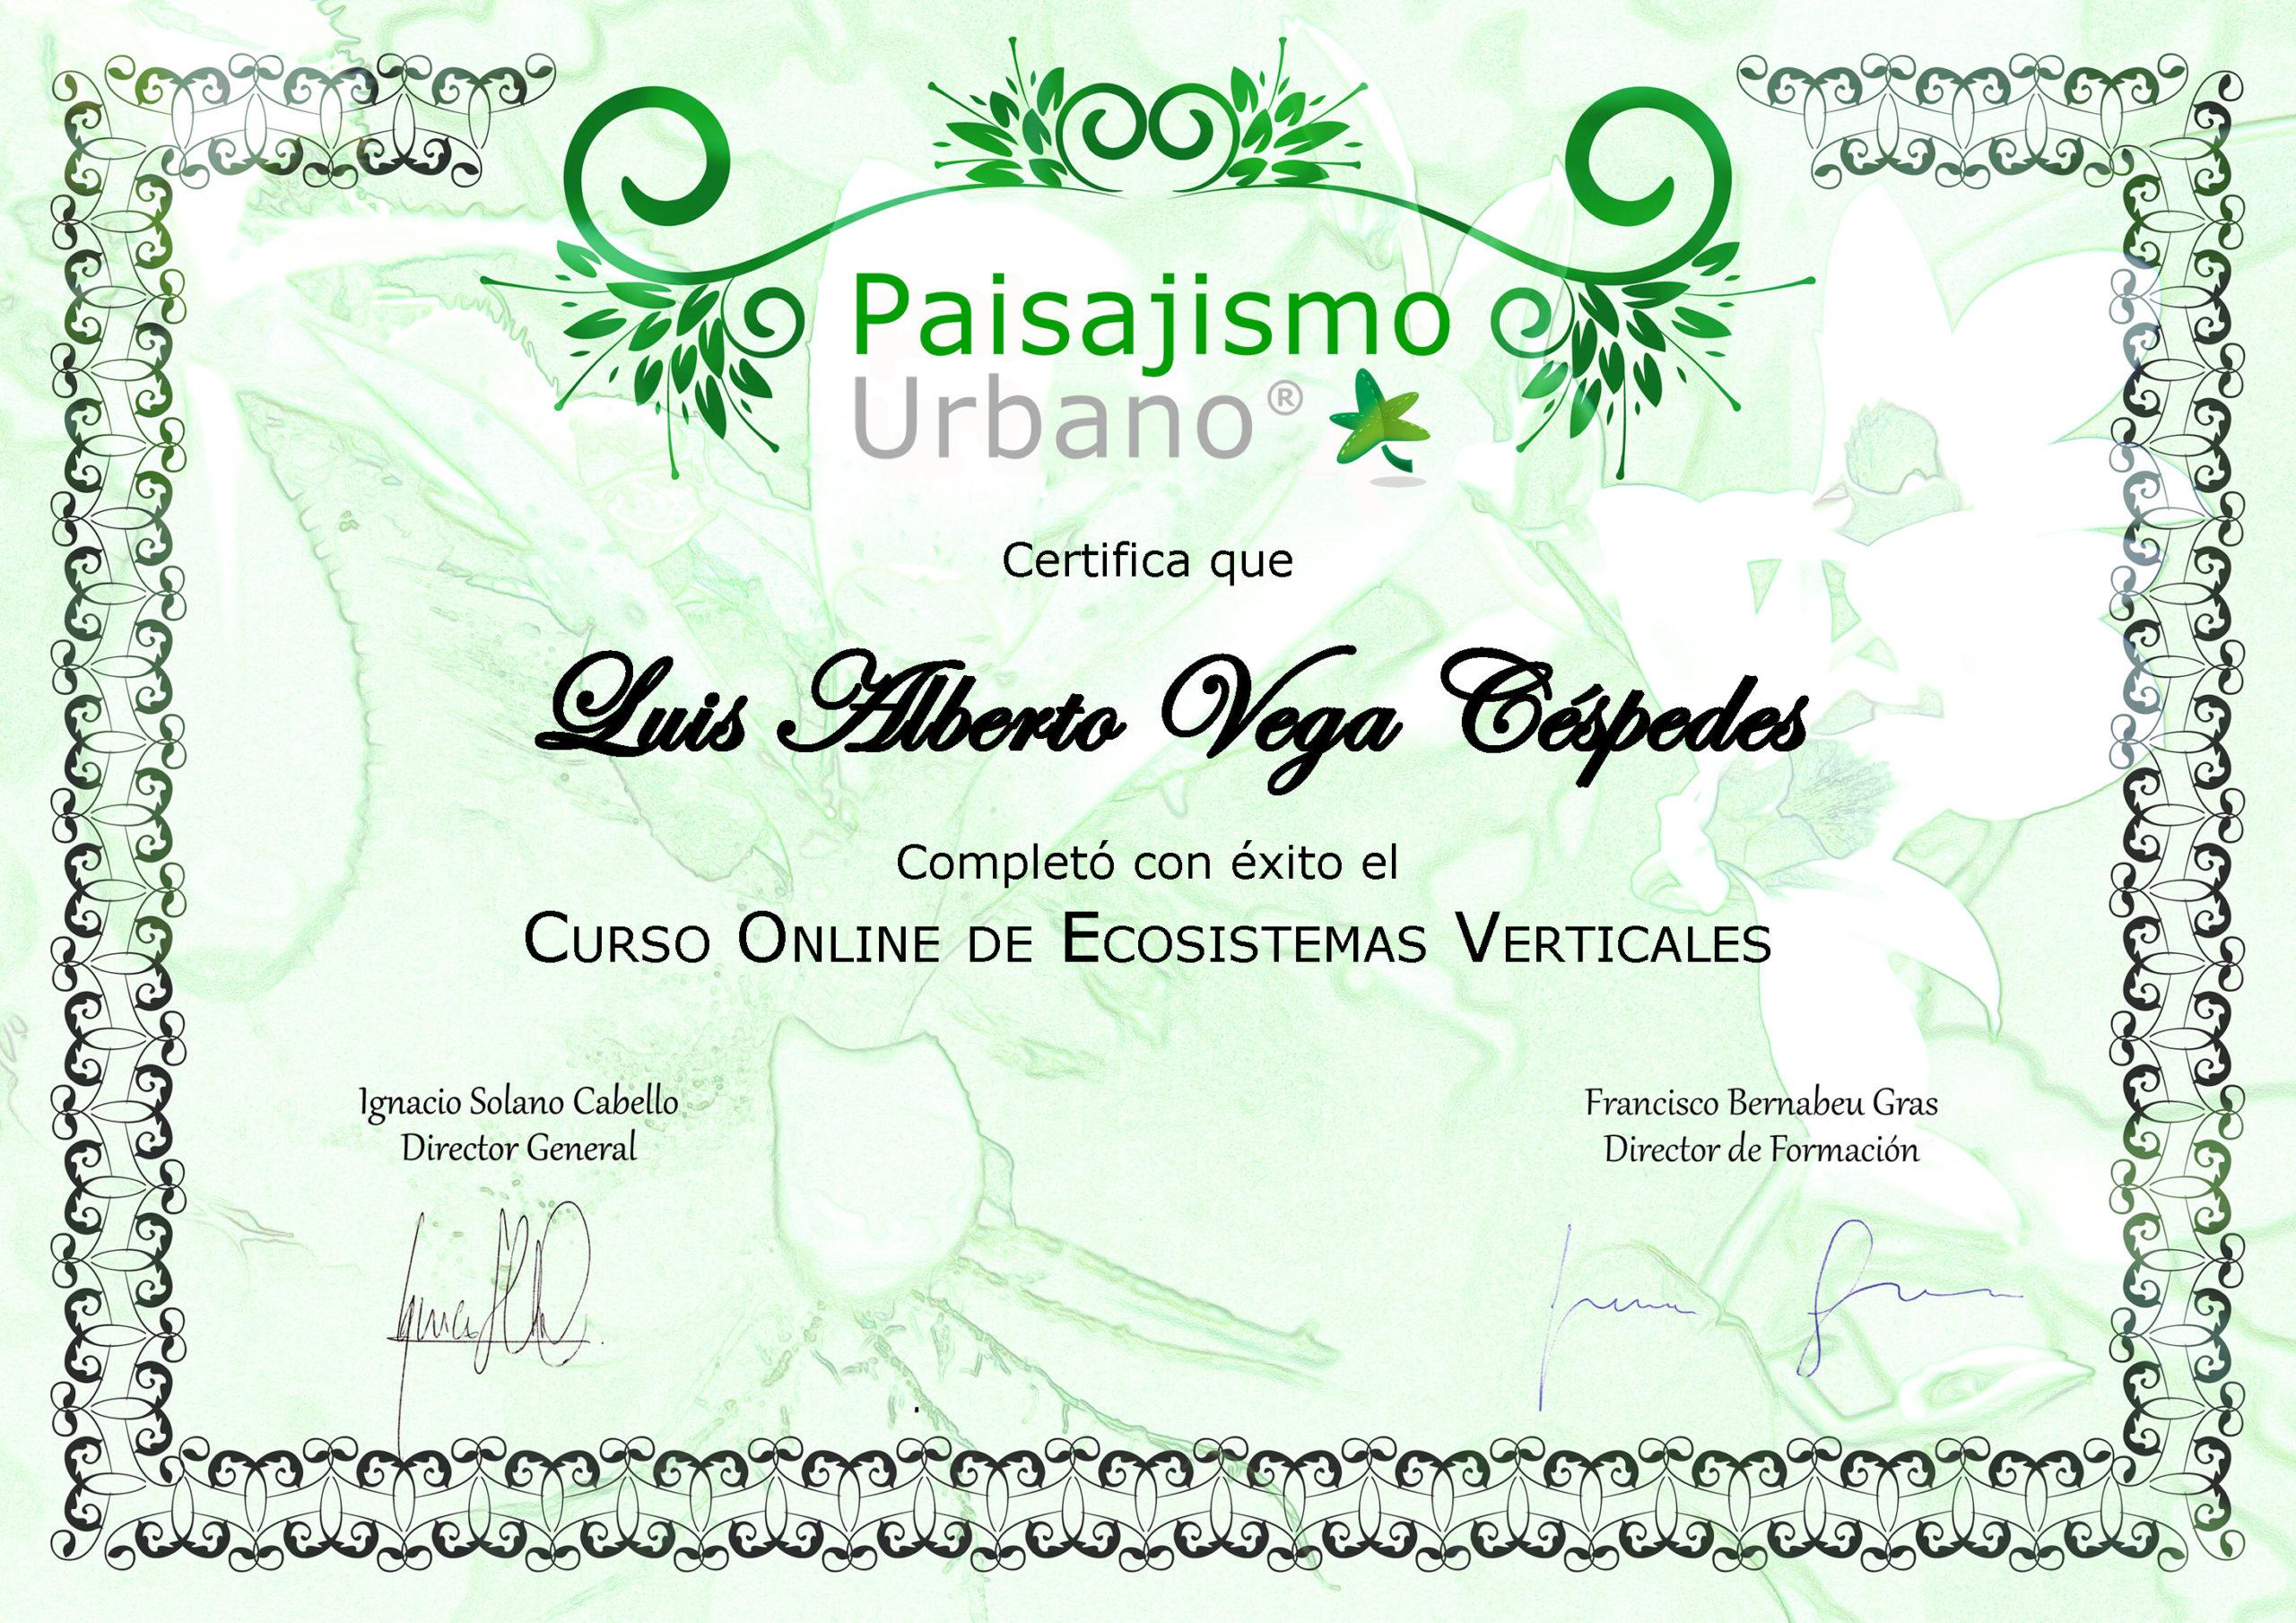 Certificado Curso Online Jardines Verticales Paisajismo Urbano